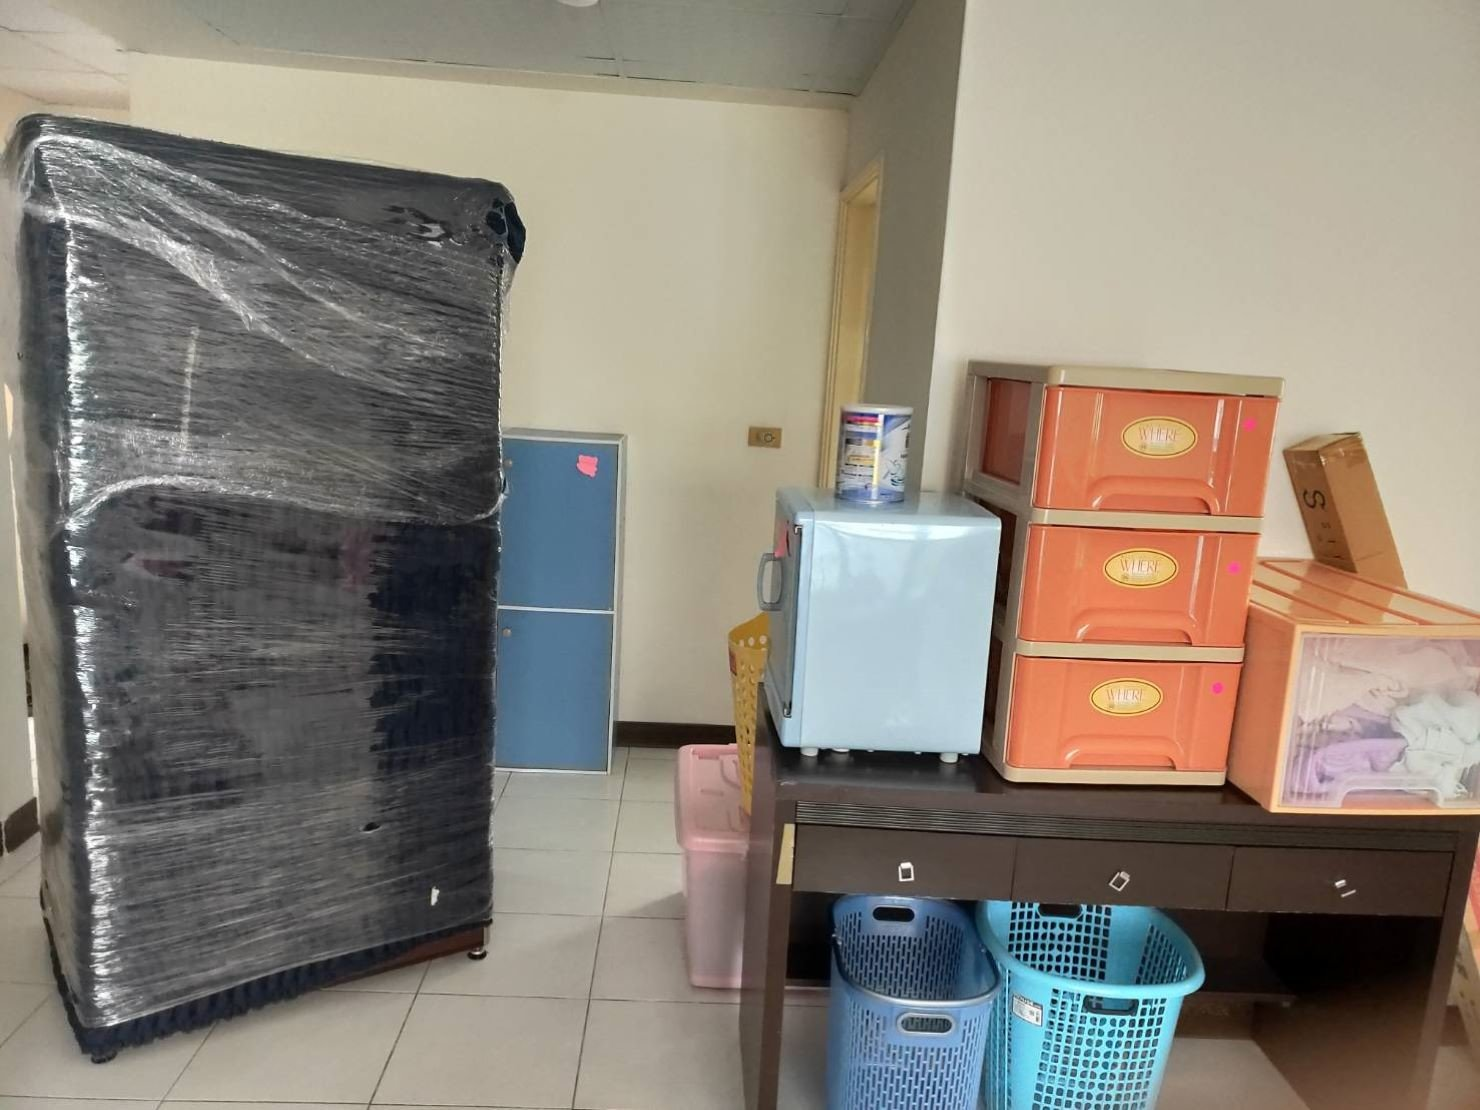 搬家公司【榮福搬家公司】台北搬家推薦口碑第一、台北搬家:師傅們細心專業將冰箱整體妥善包裝做好防護,讓顧客安心將家電交予榮福搬家來搬運。